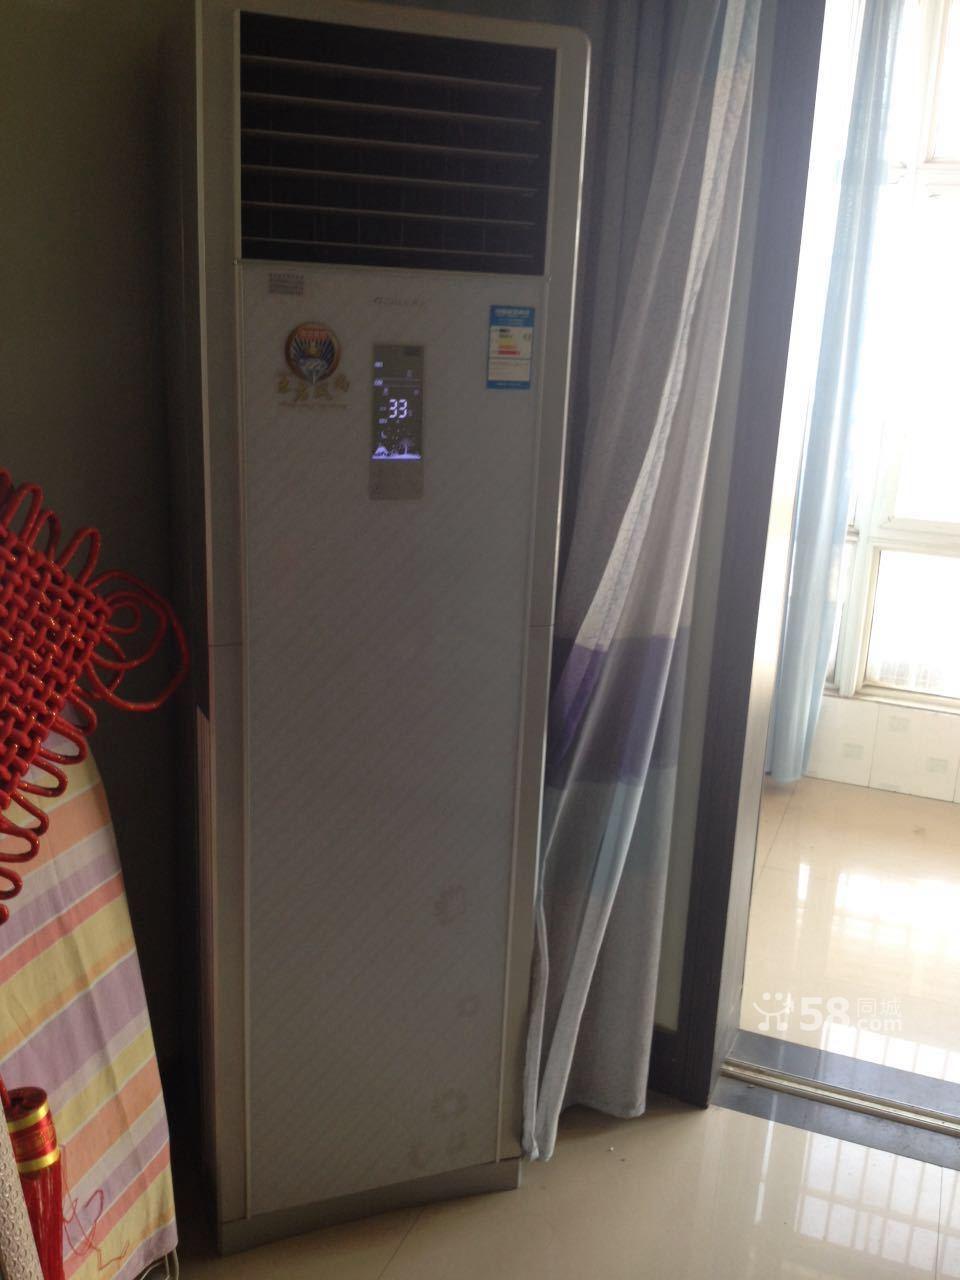 格力立式空调怎么拆 海珠区格力中央空调回收公司